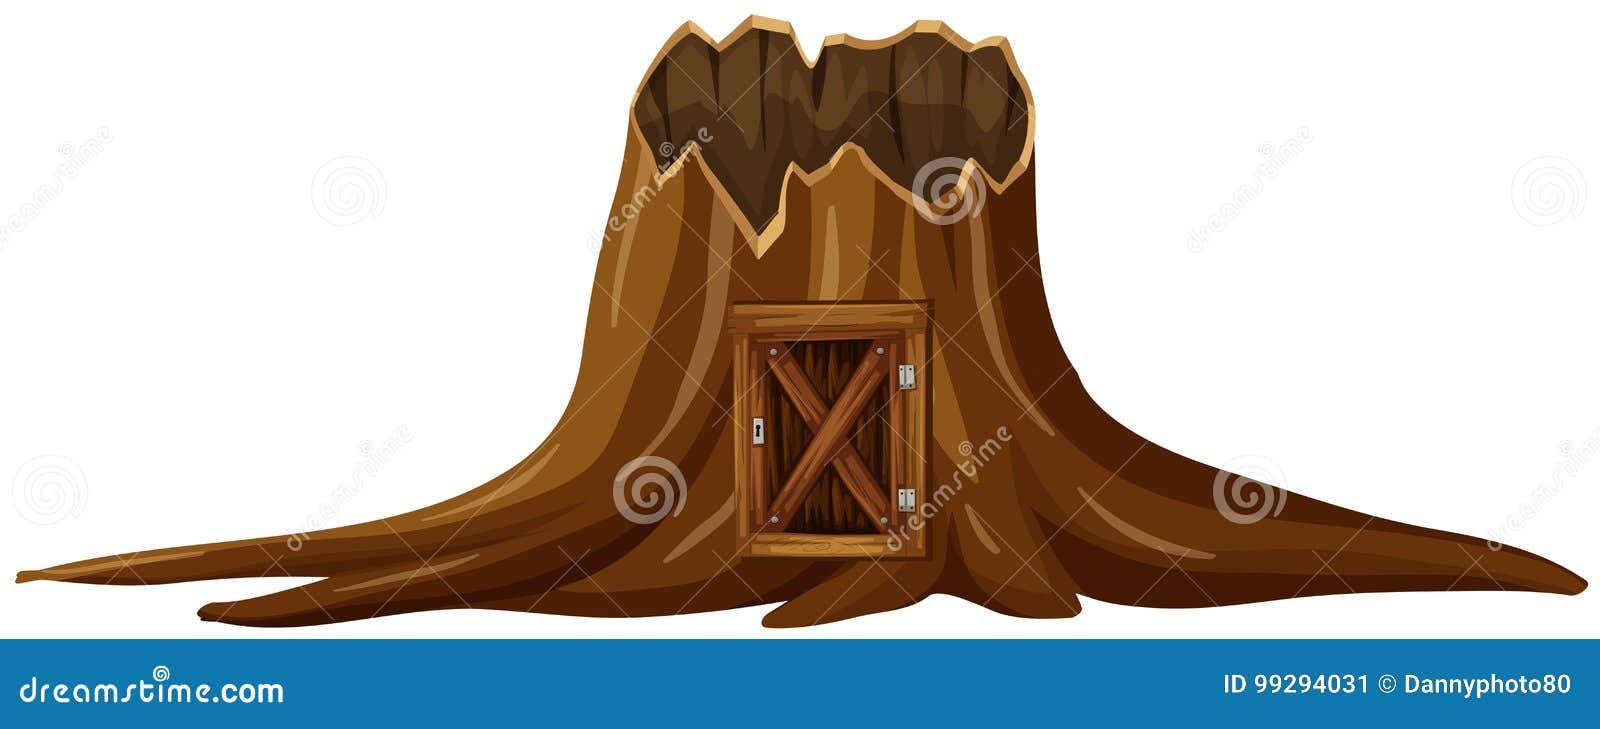 Stumpfbaum mit Holztür